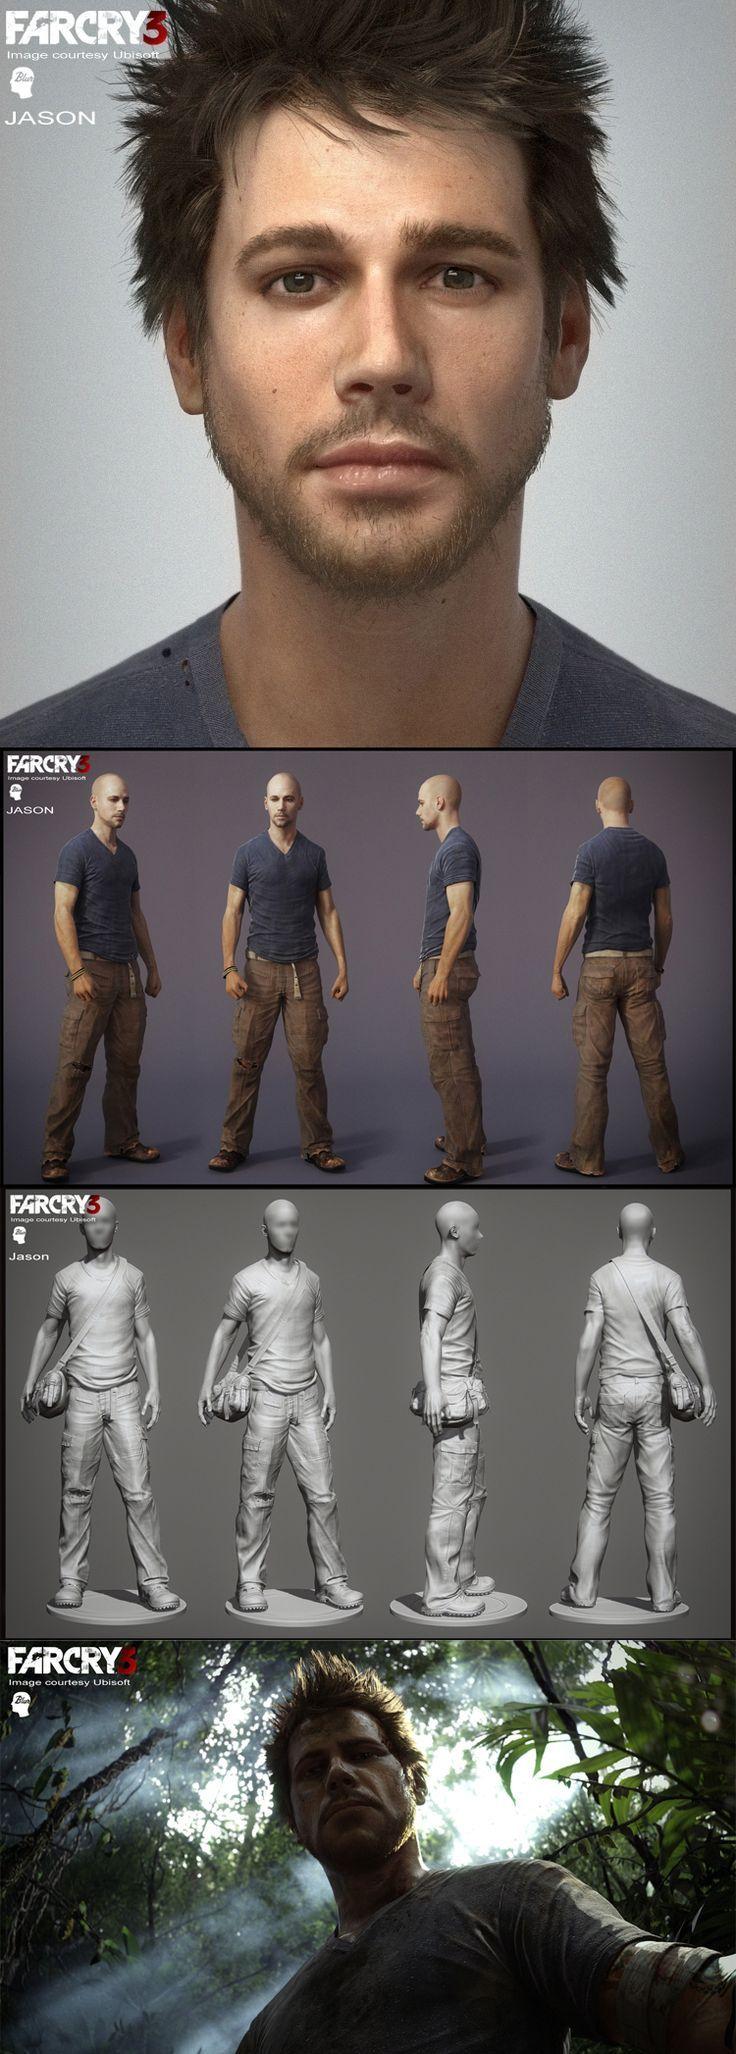 Far Cry 3 Character Modelling using ZBrush. join us http://pinterest.com/koztar/